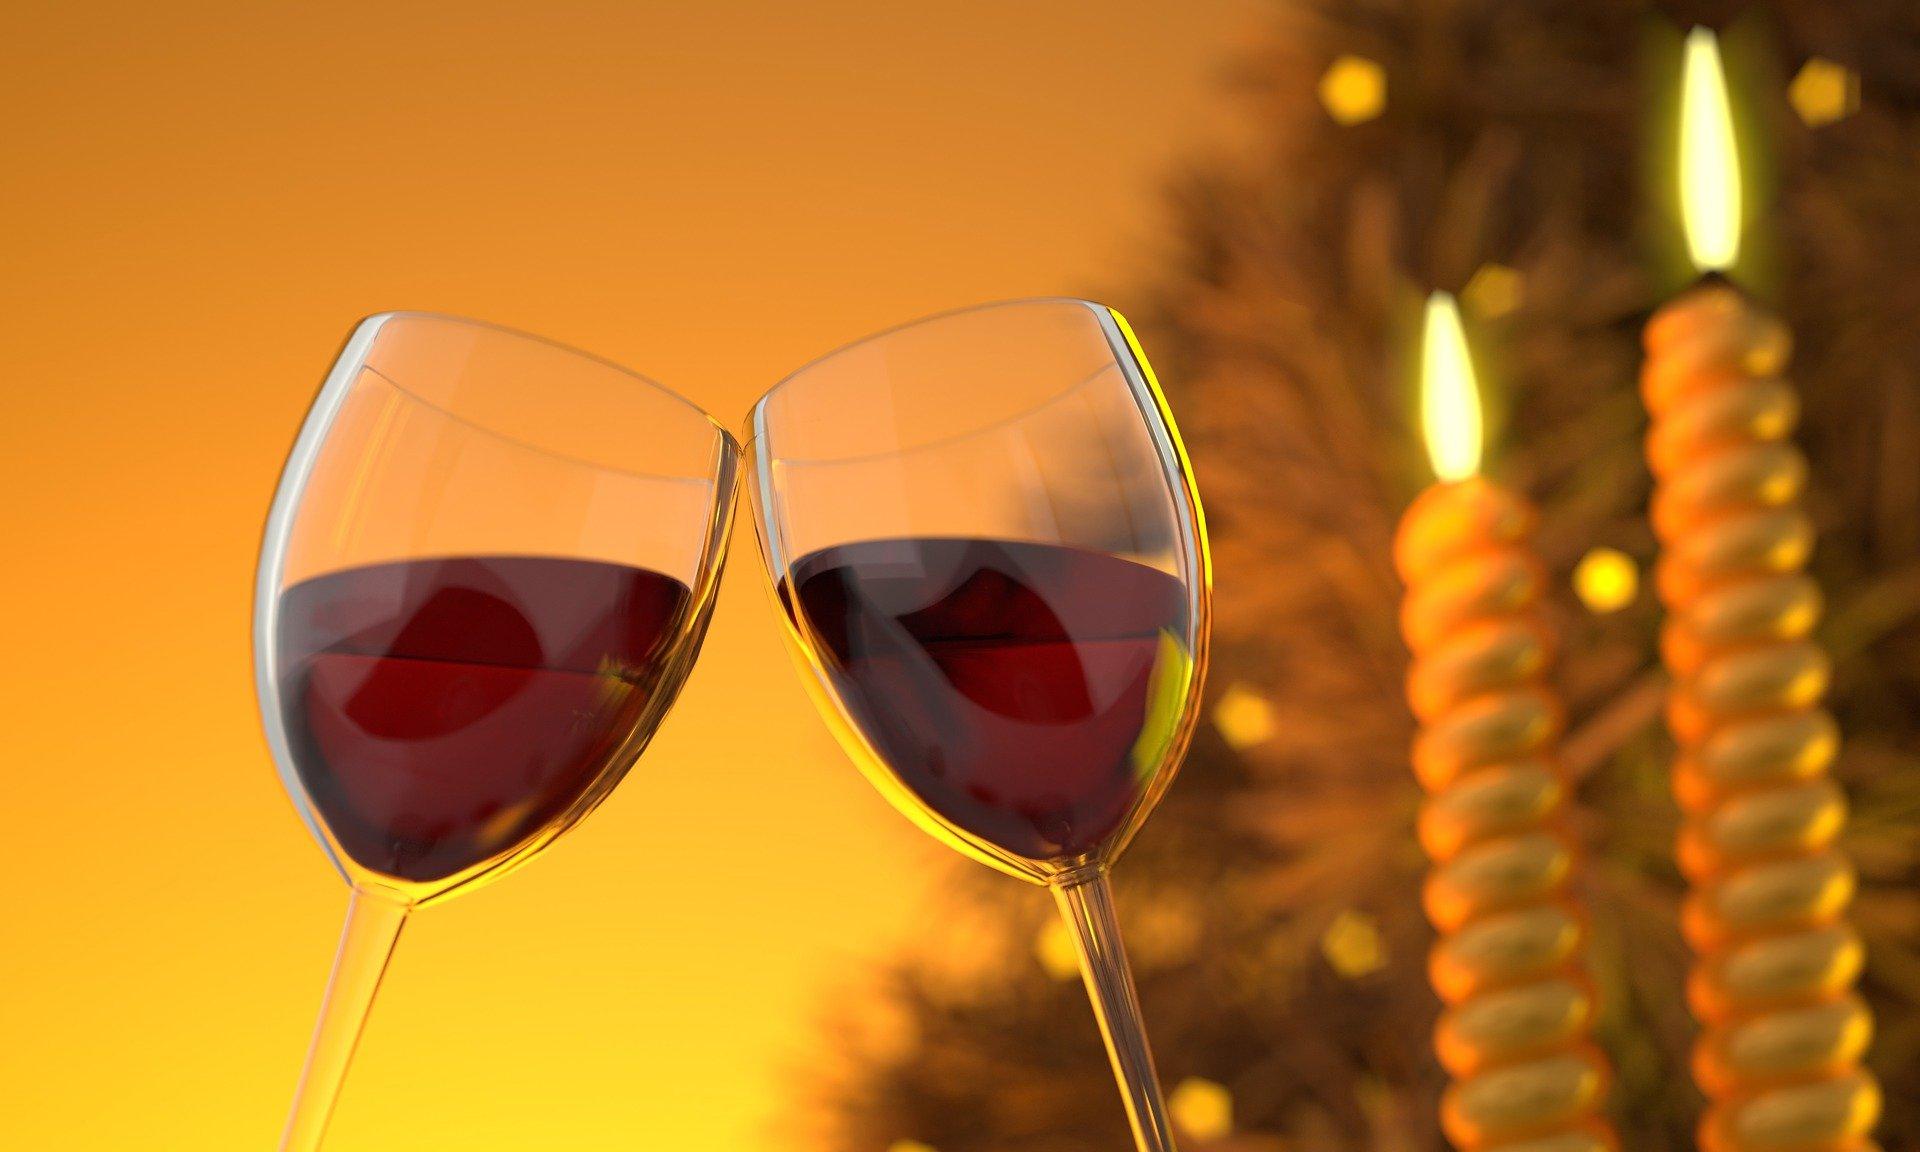 wine-2891894_1920